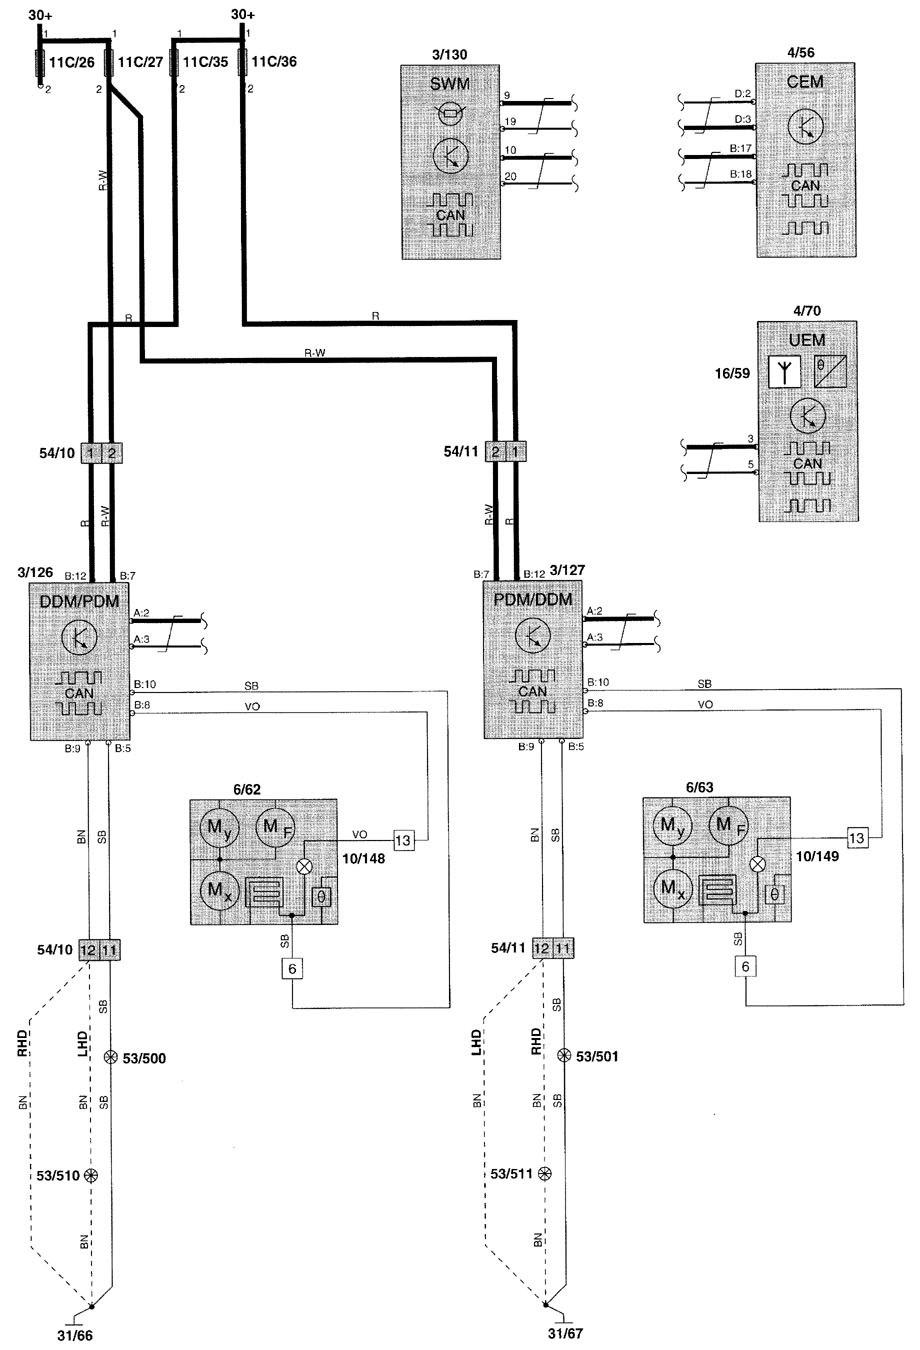 volvo v70 fuse diagram